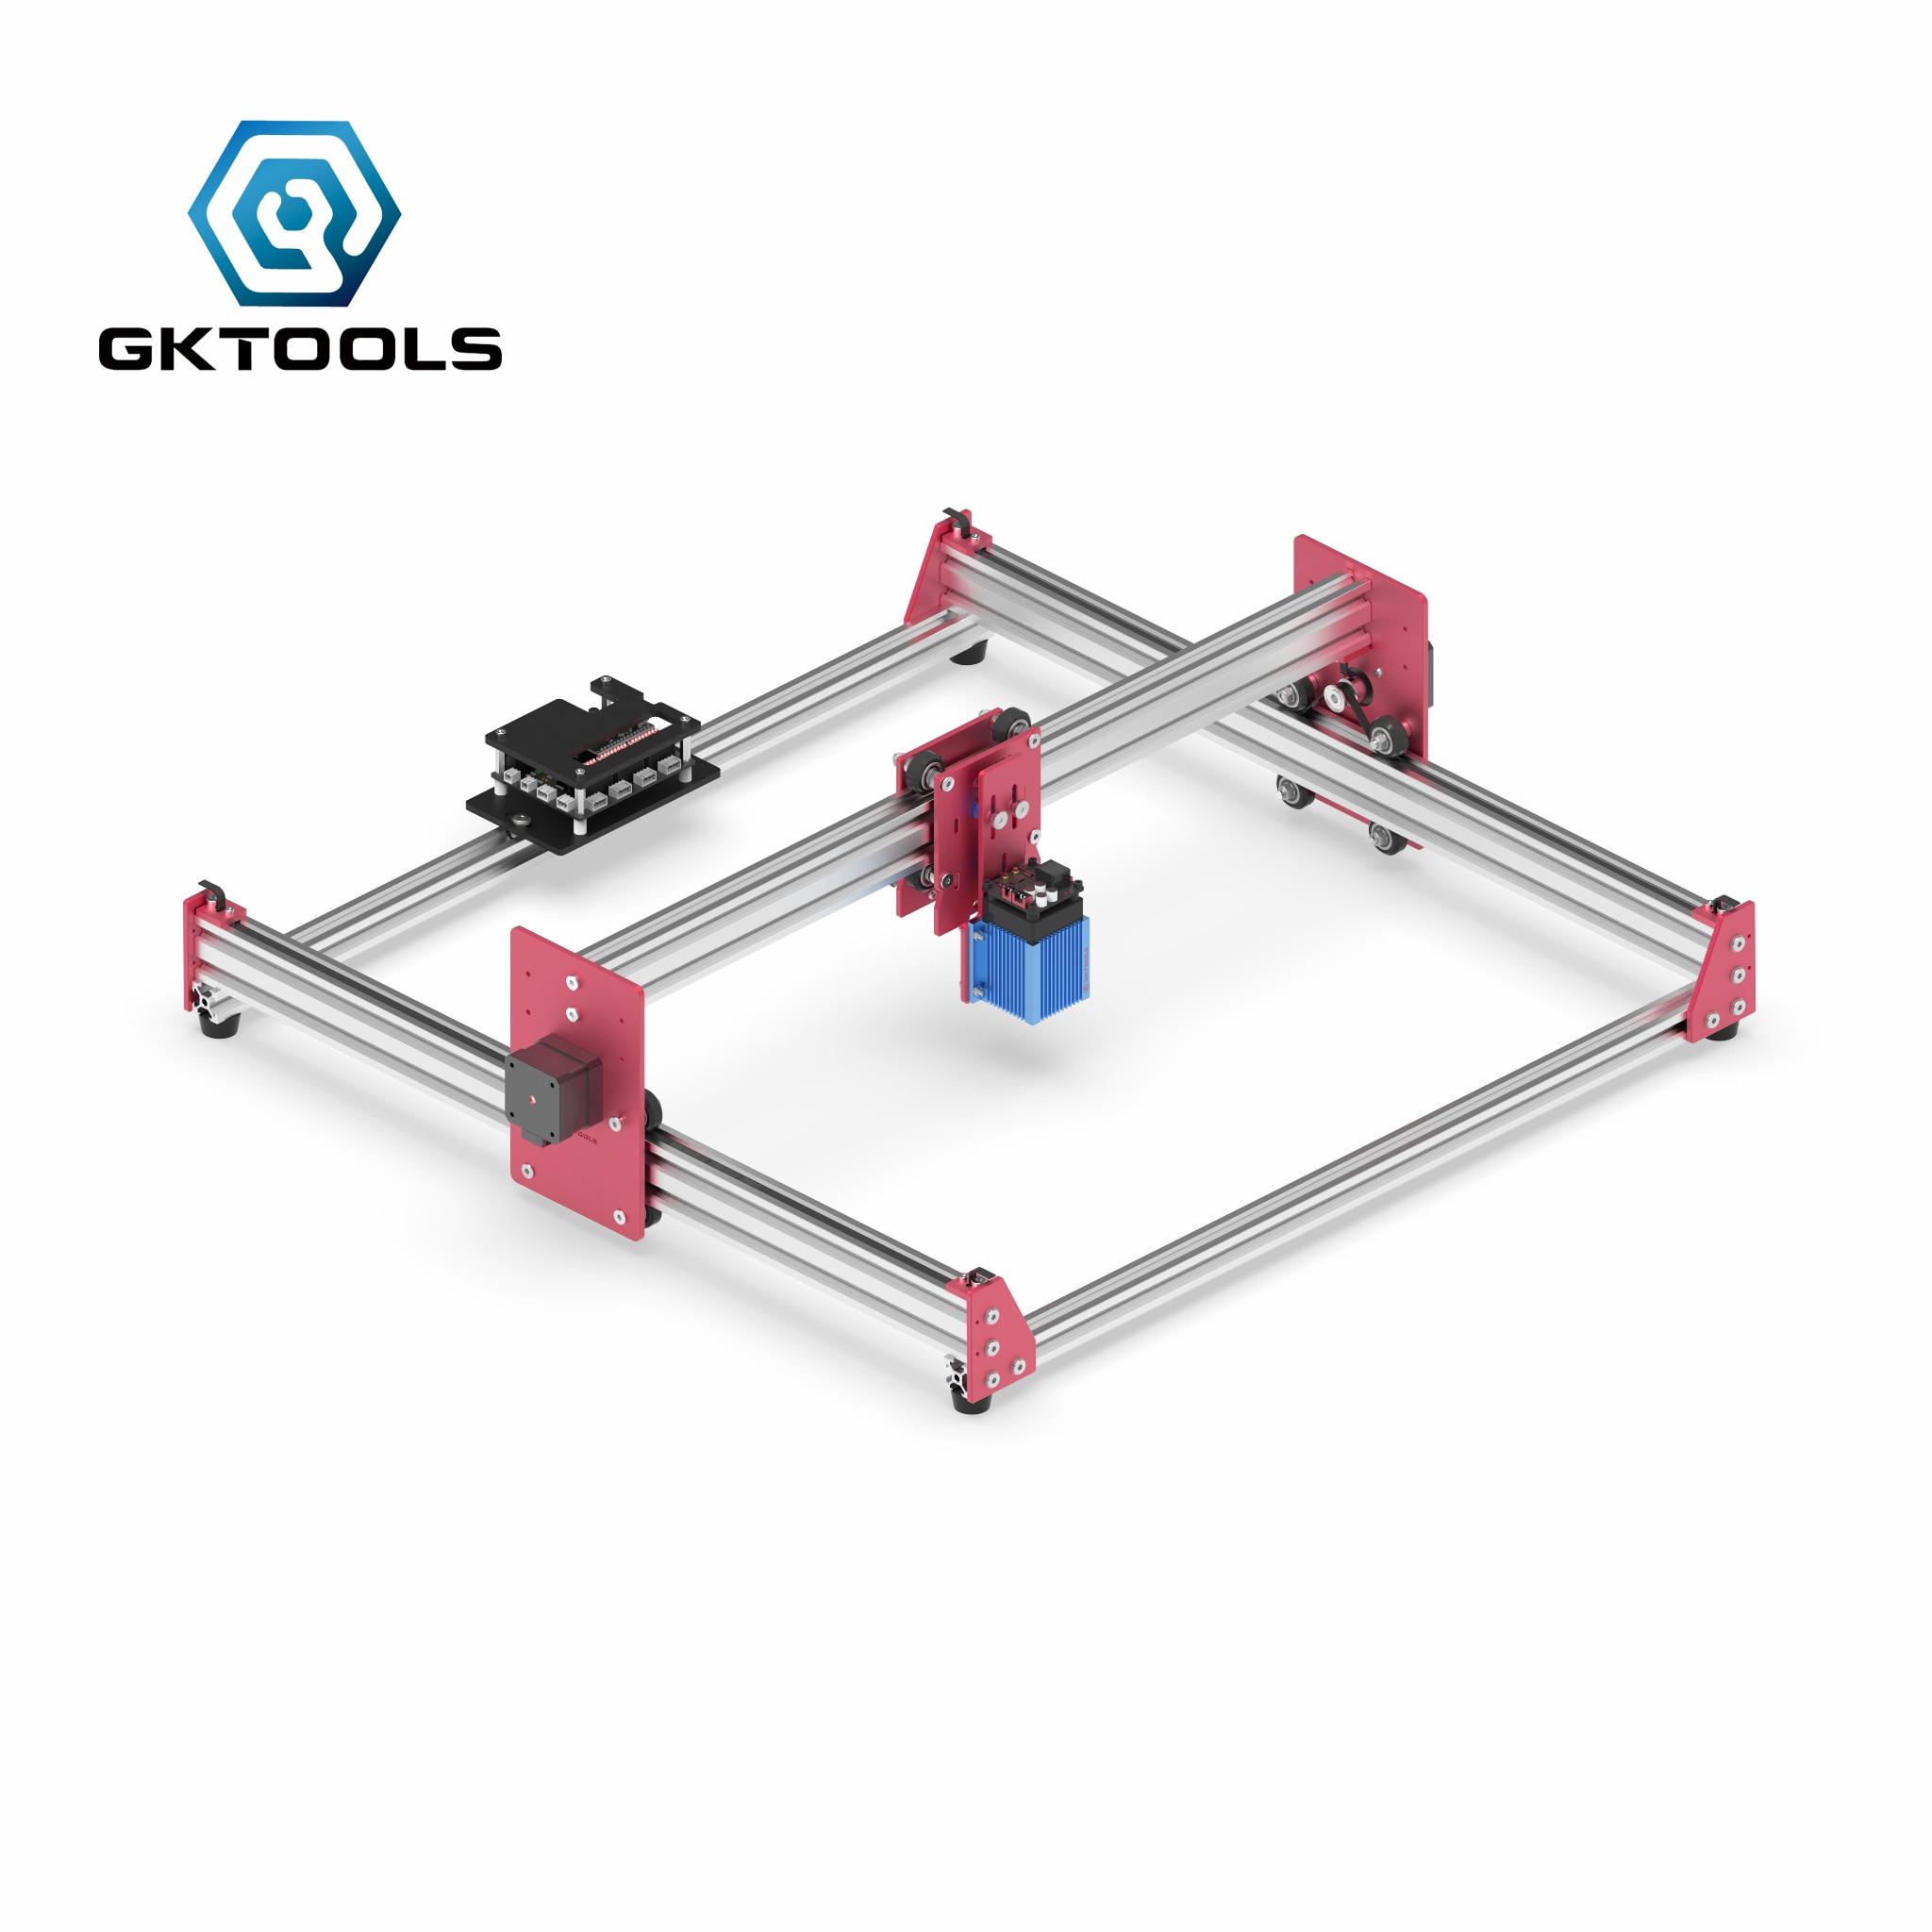 GKTOOLS tout métal 45*45cm 7500mW bois Laser graveur Cutter gravure bricolage Machine Mini CNC imprimante PWM, Benbox GRBL EleksMaker